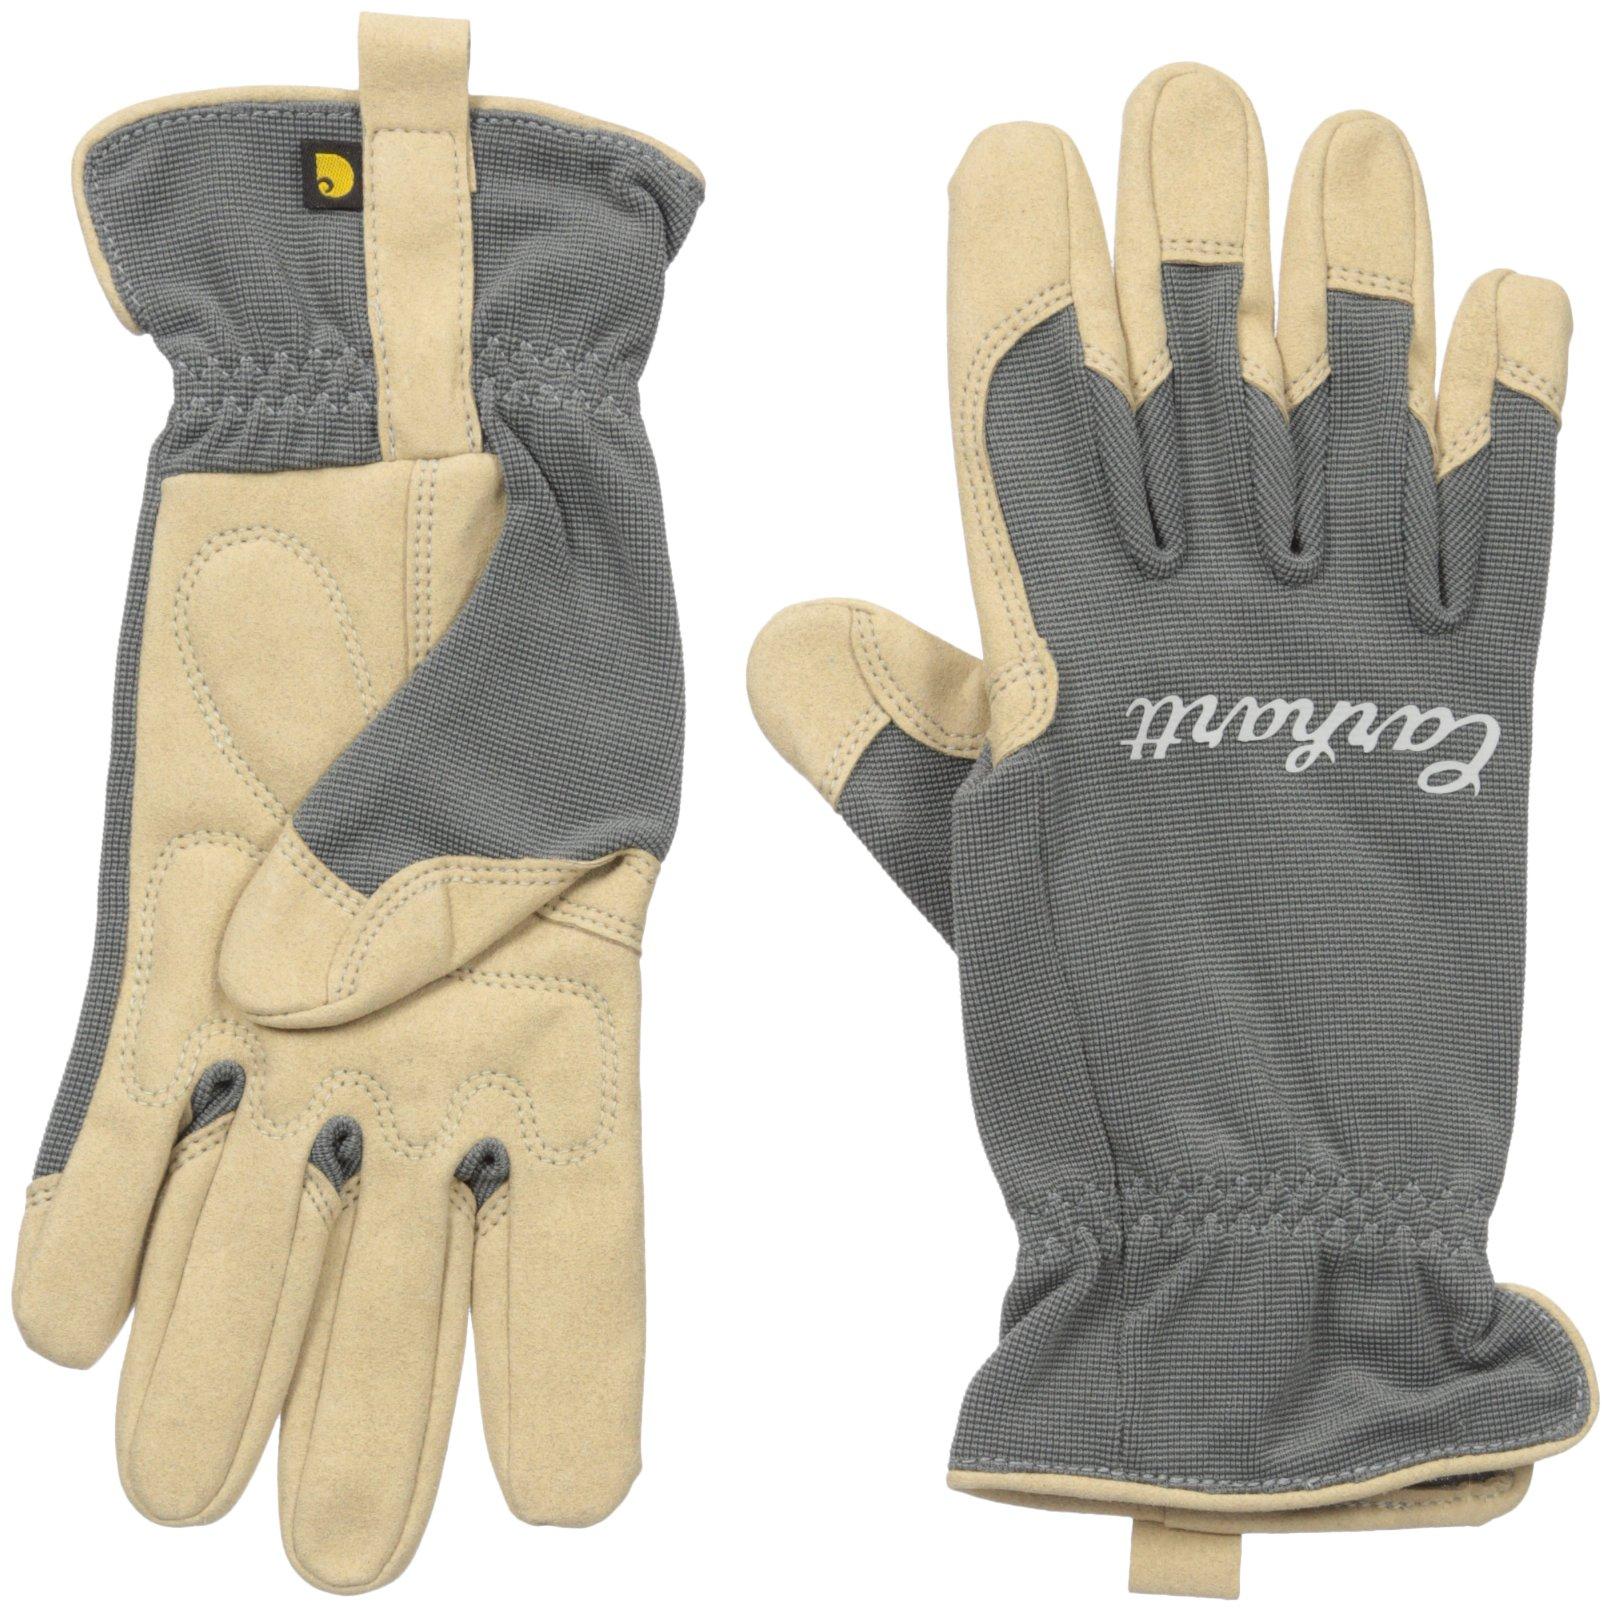 Carhartt Women's Perennial High Dexterity Glove, Grey, Medium